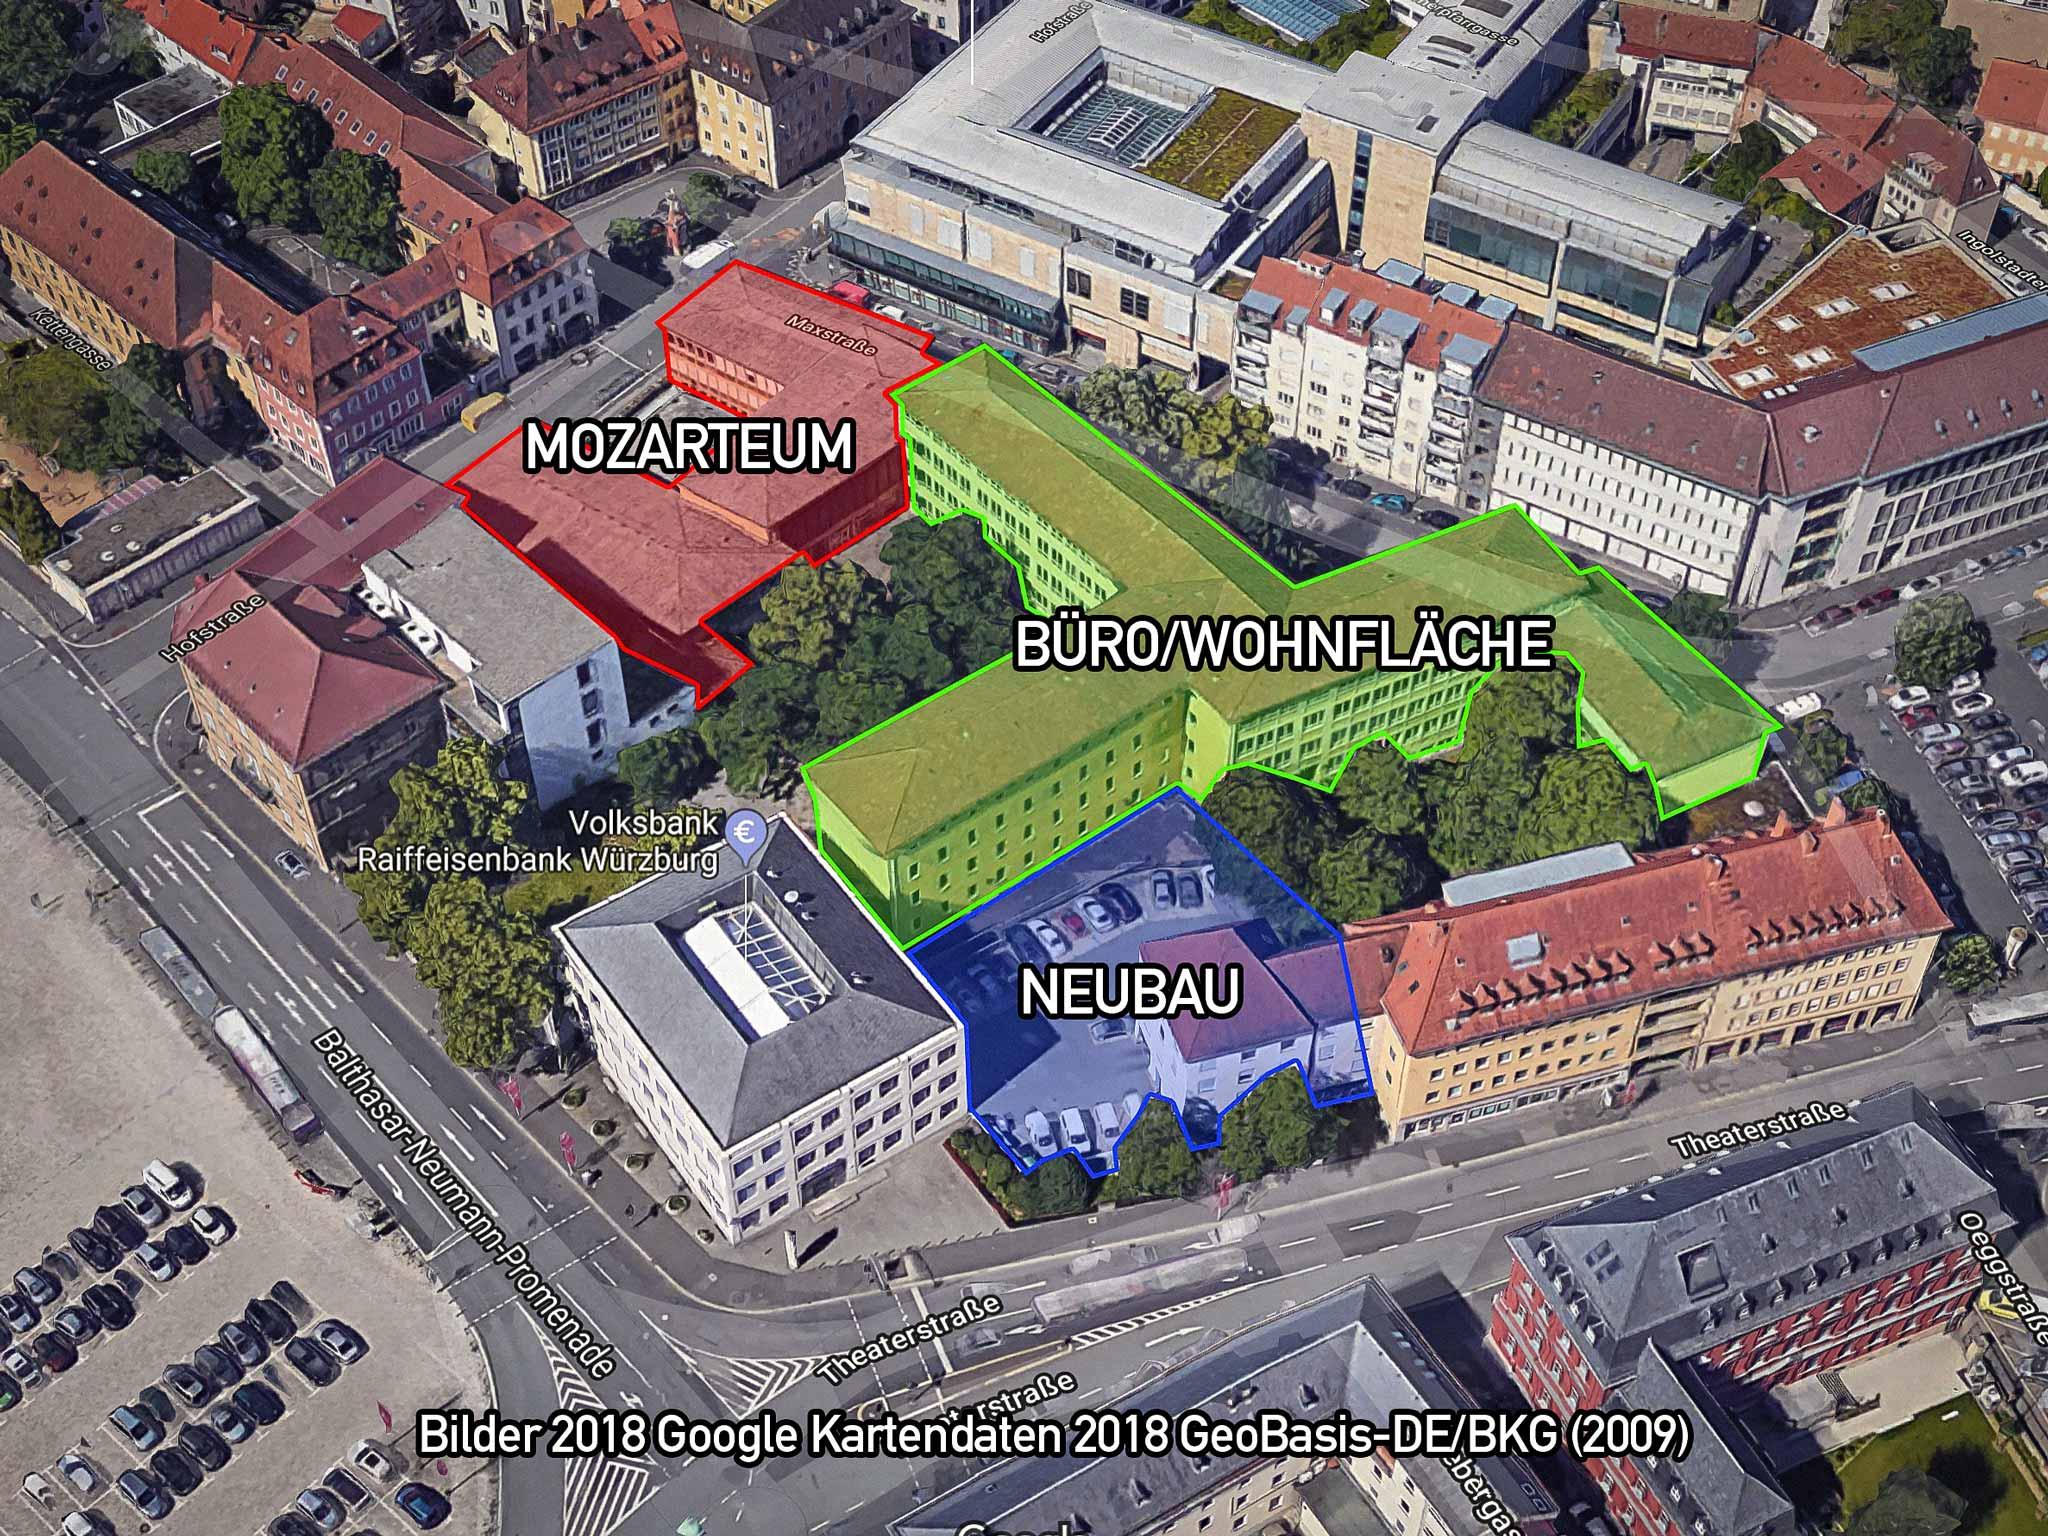 Pläne für das Mozartareal durch den geplanten teilweisen Erwerb durch die VR Bank Würzburg. Quelle: Bilder 2018 Google Kartendaten 2018 GeoBasis-DE/BKG (2009)